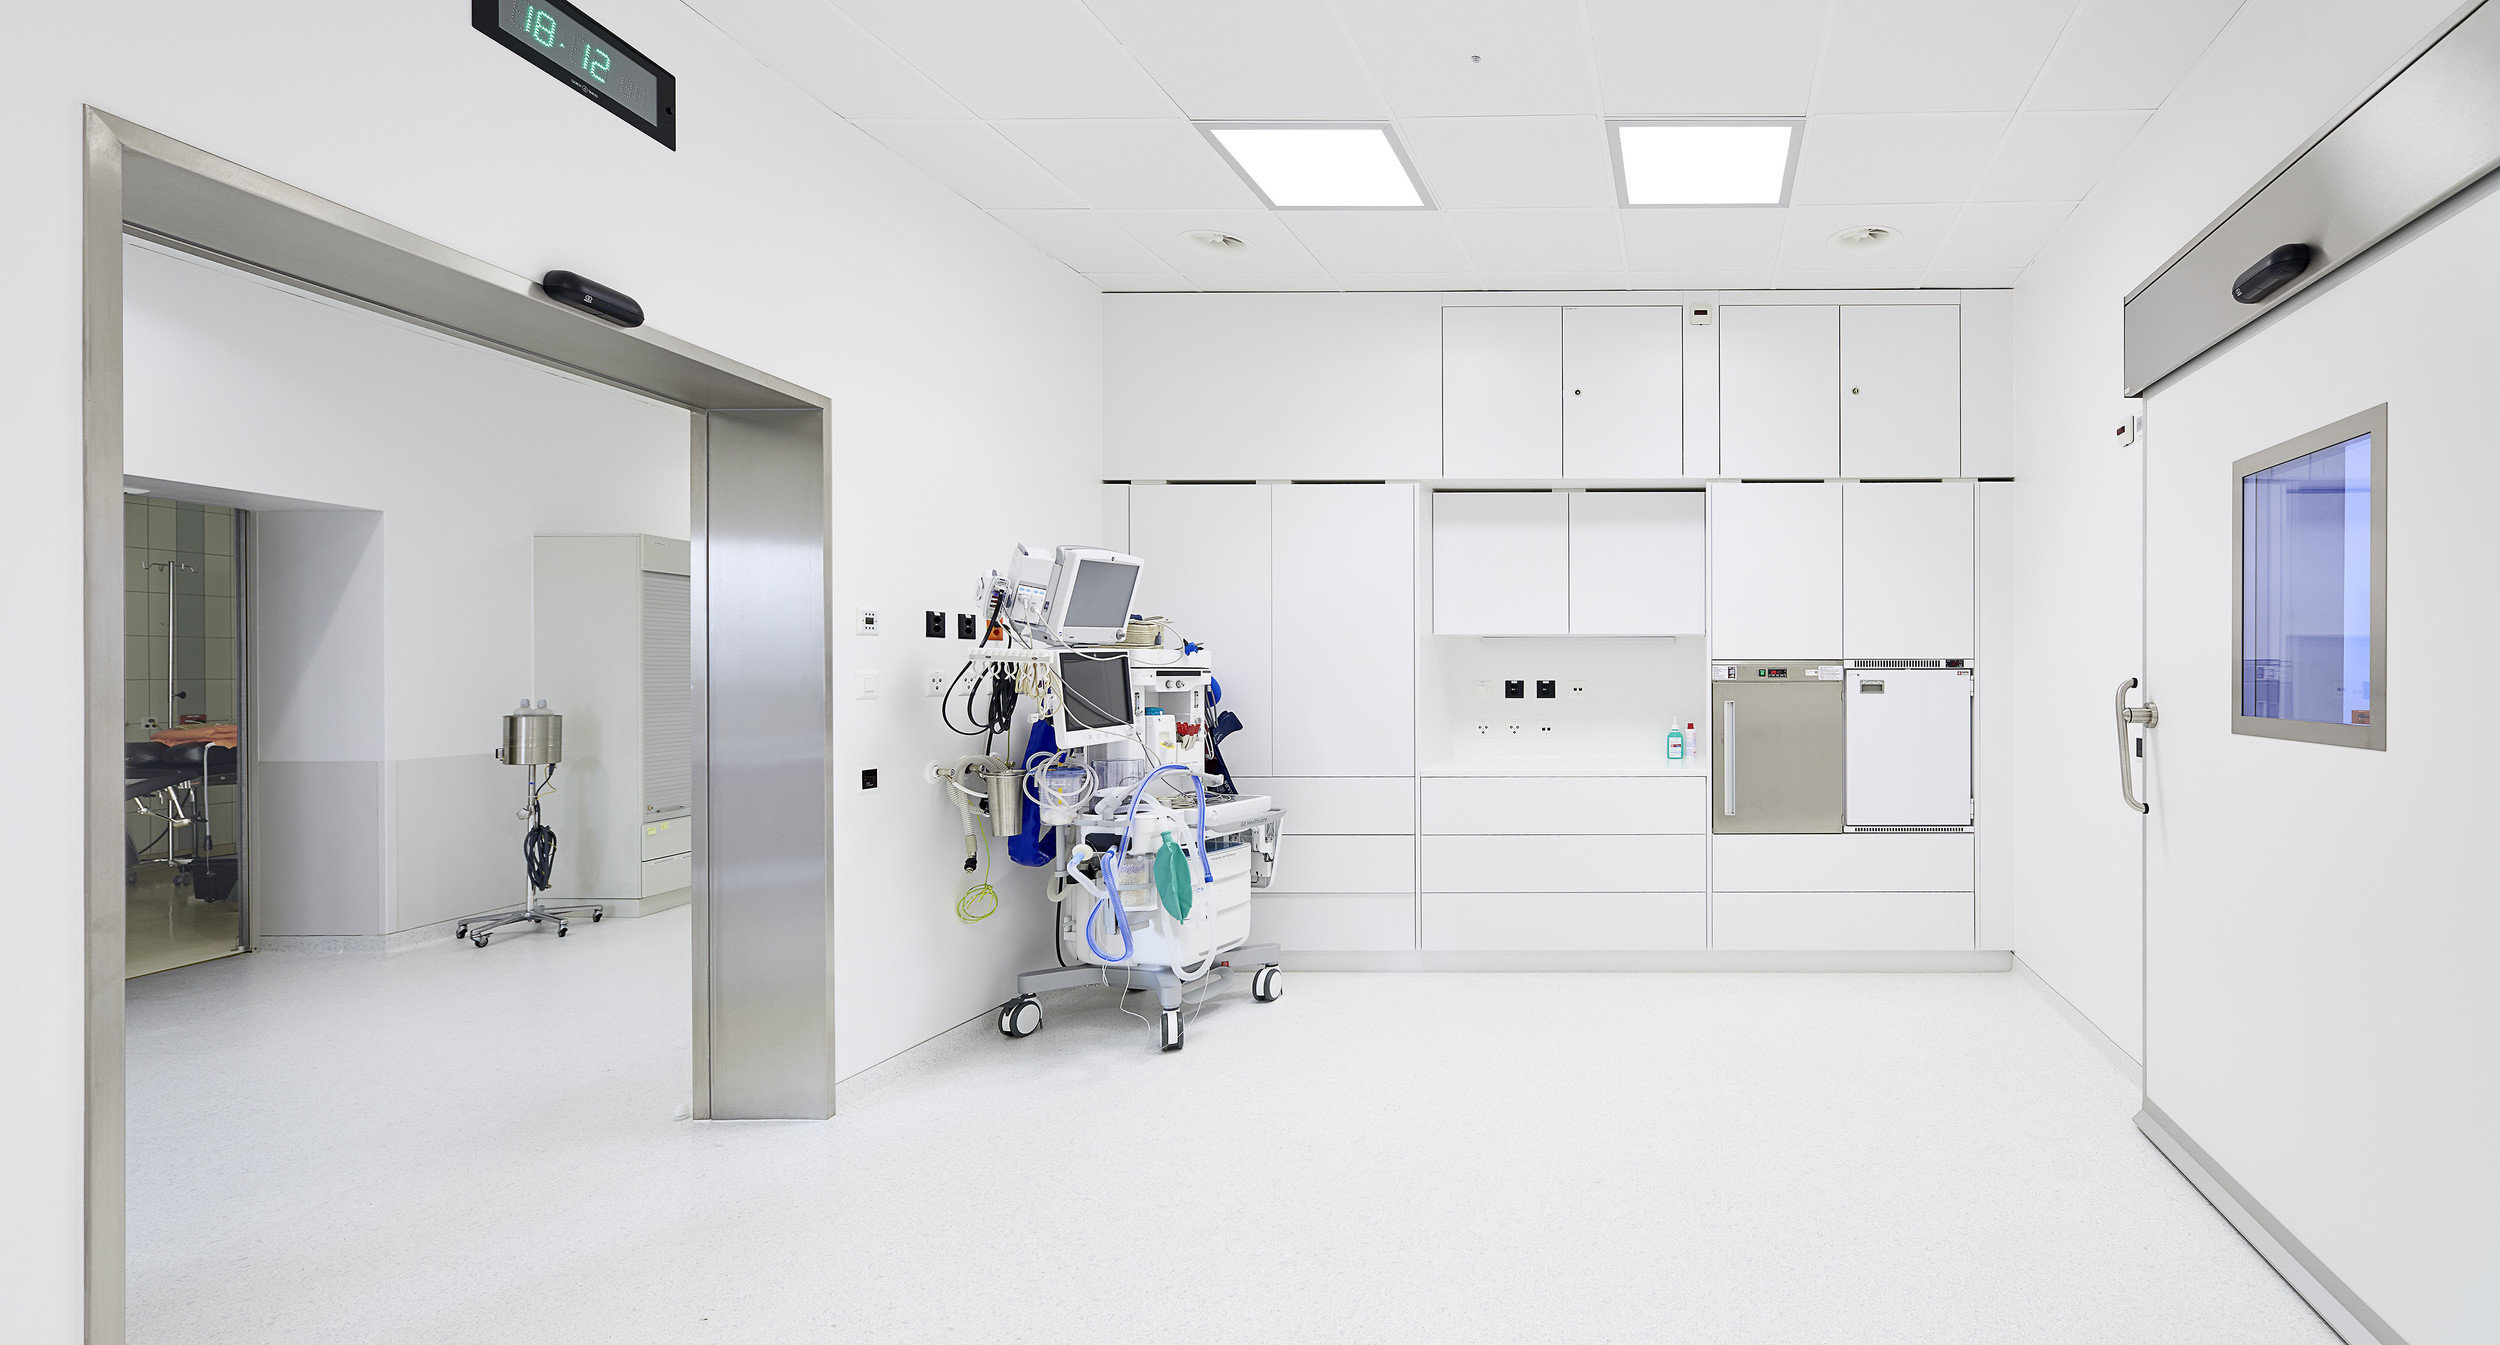 Nebenraum für Operationssaal in Stahl-Modulbauweise